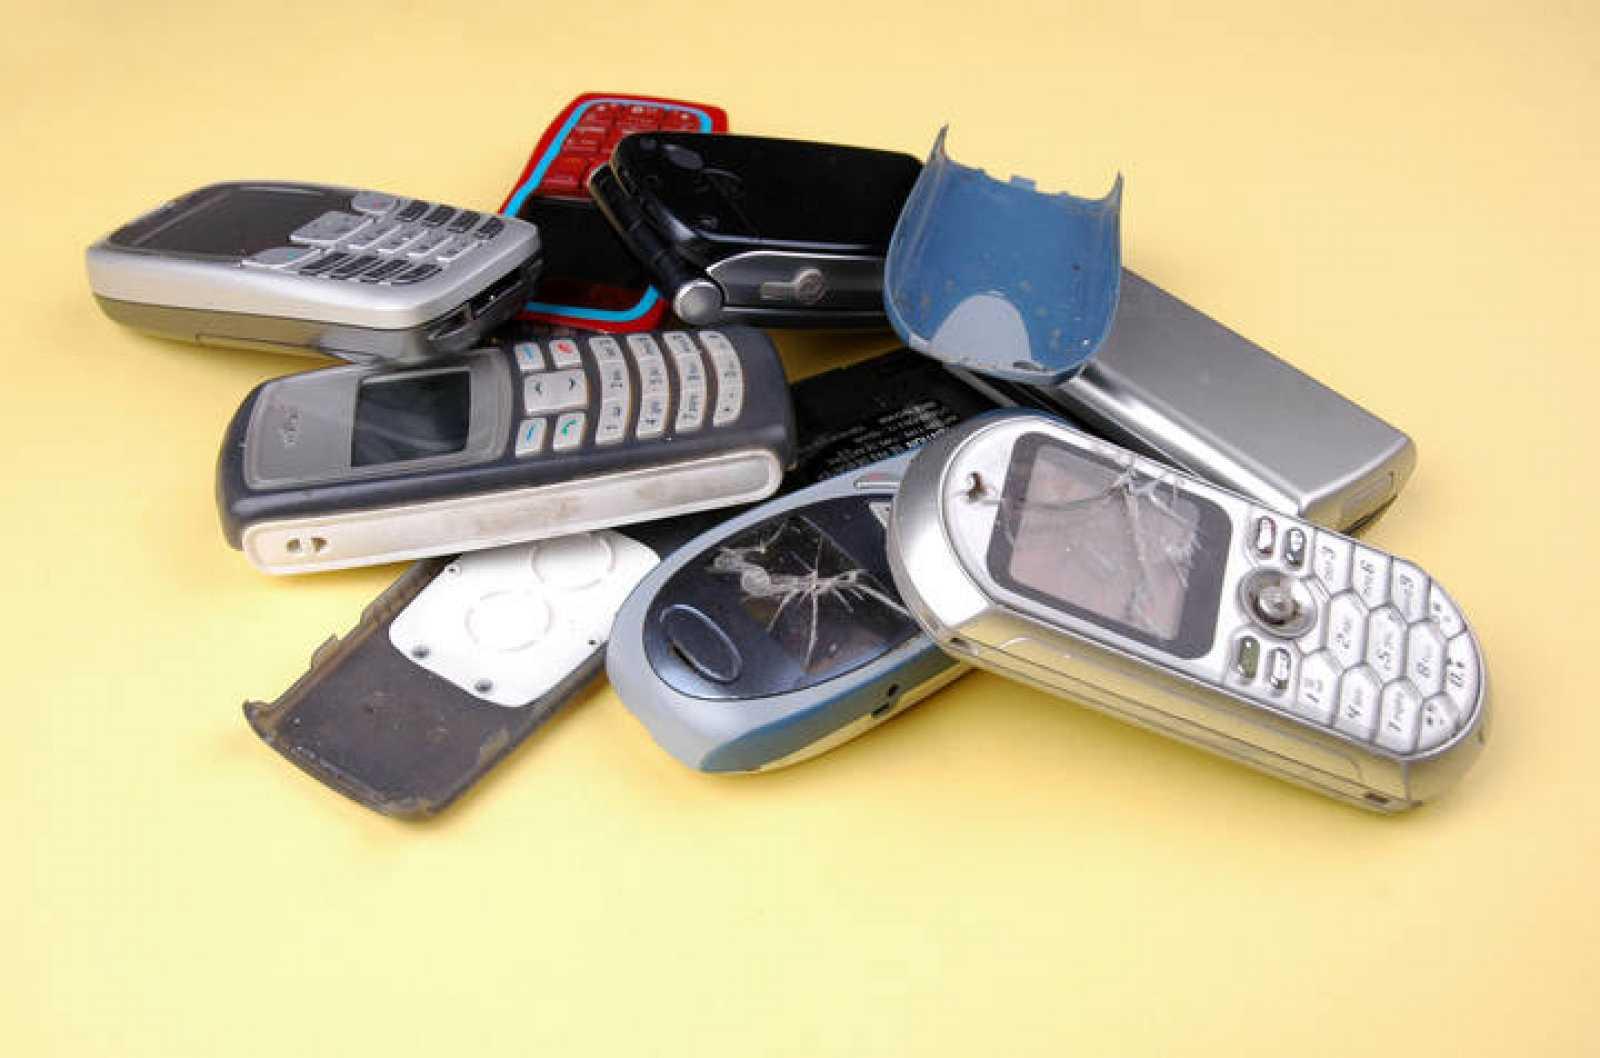 Los móviles desechados suelen acabar en un cajón o en la basura, casi nunca se reciclan adecuadamente